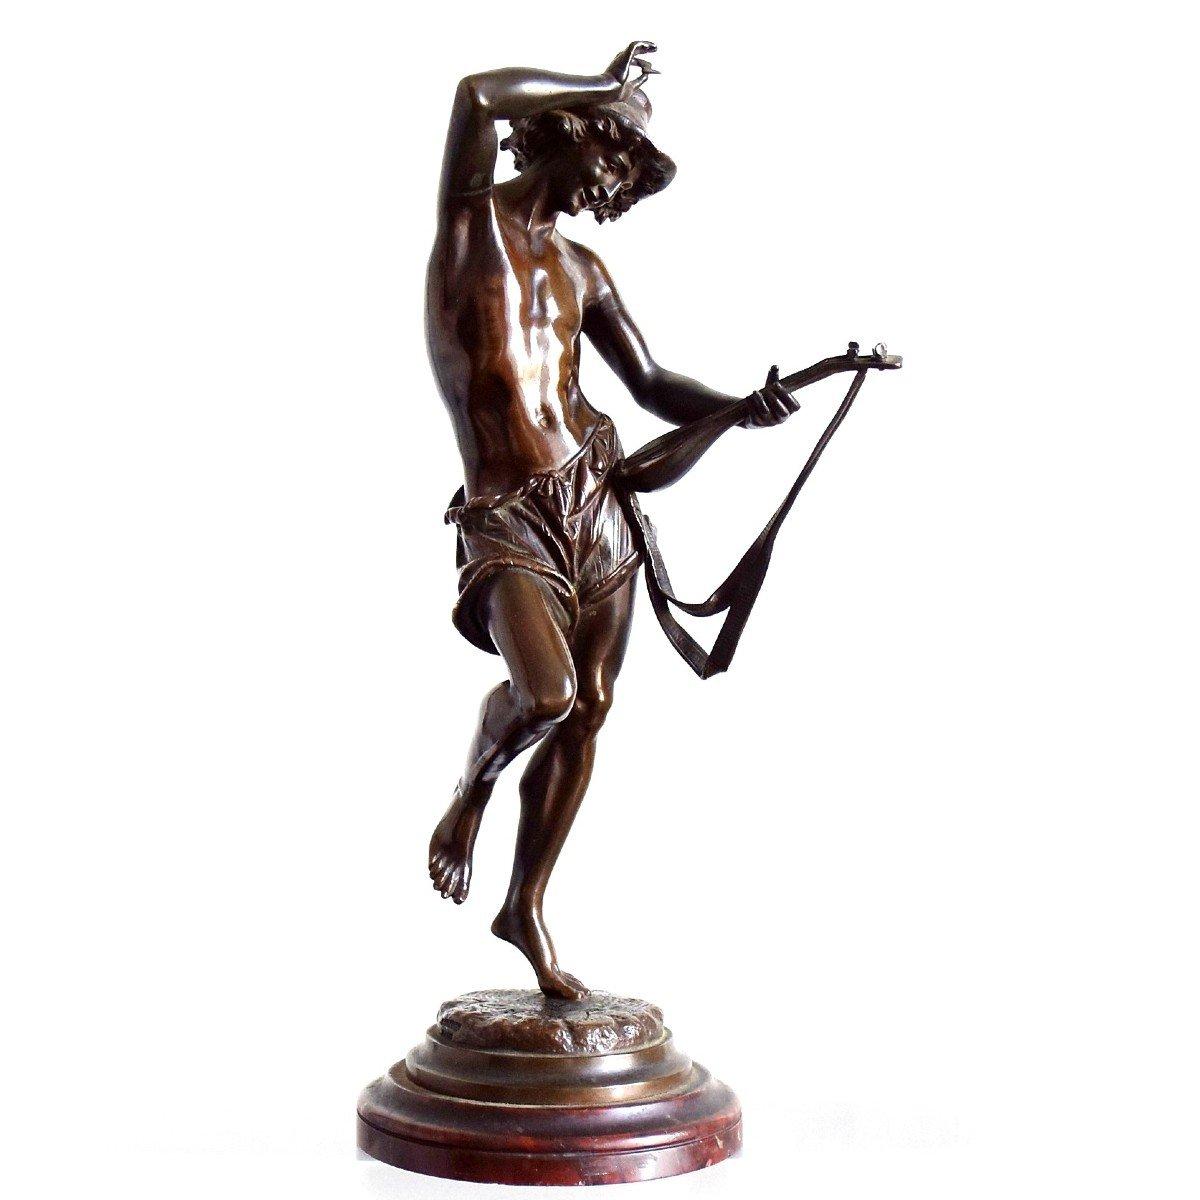 Le musicien florentin Bronze par Carrier-Belleuse